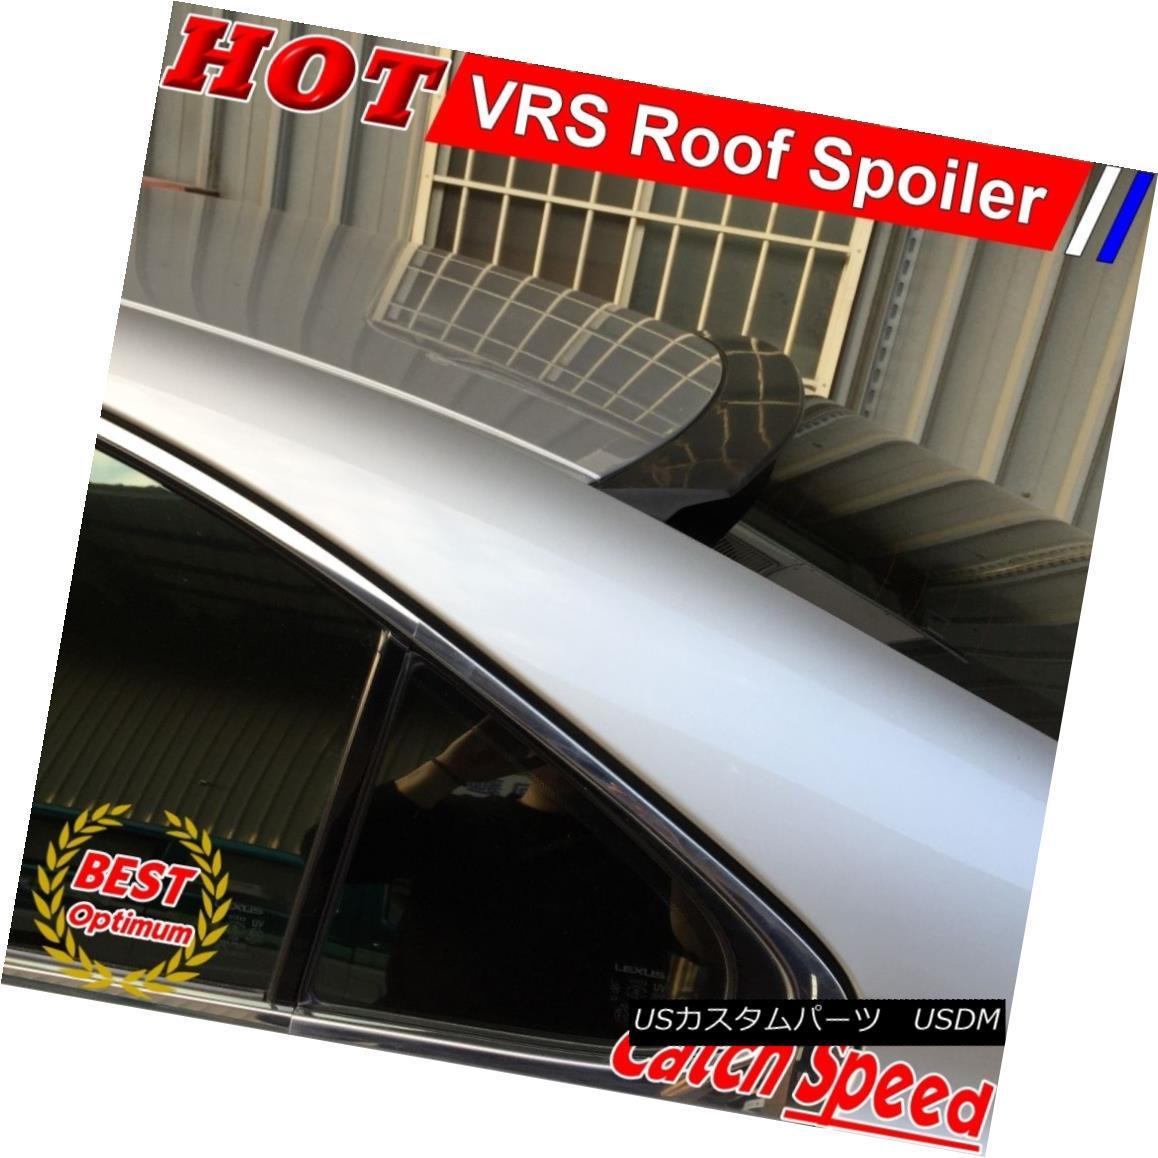 エアロパーツ Painted VRS Style Rear Roof Spoiler Wing For Chevrolet Impala SS 9th 2006-2013 シボレーインパラSSのためにVRSスタイルのリアルーフスポイラーウイングを塗装2006年9月9日